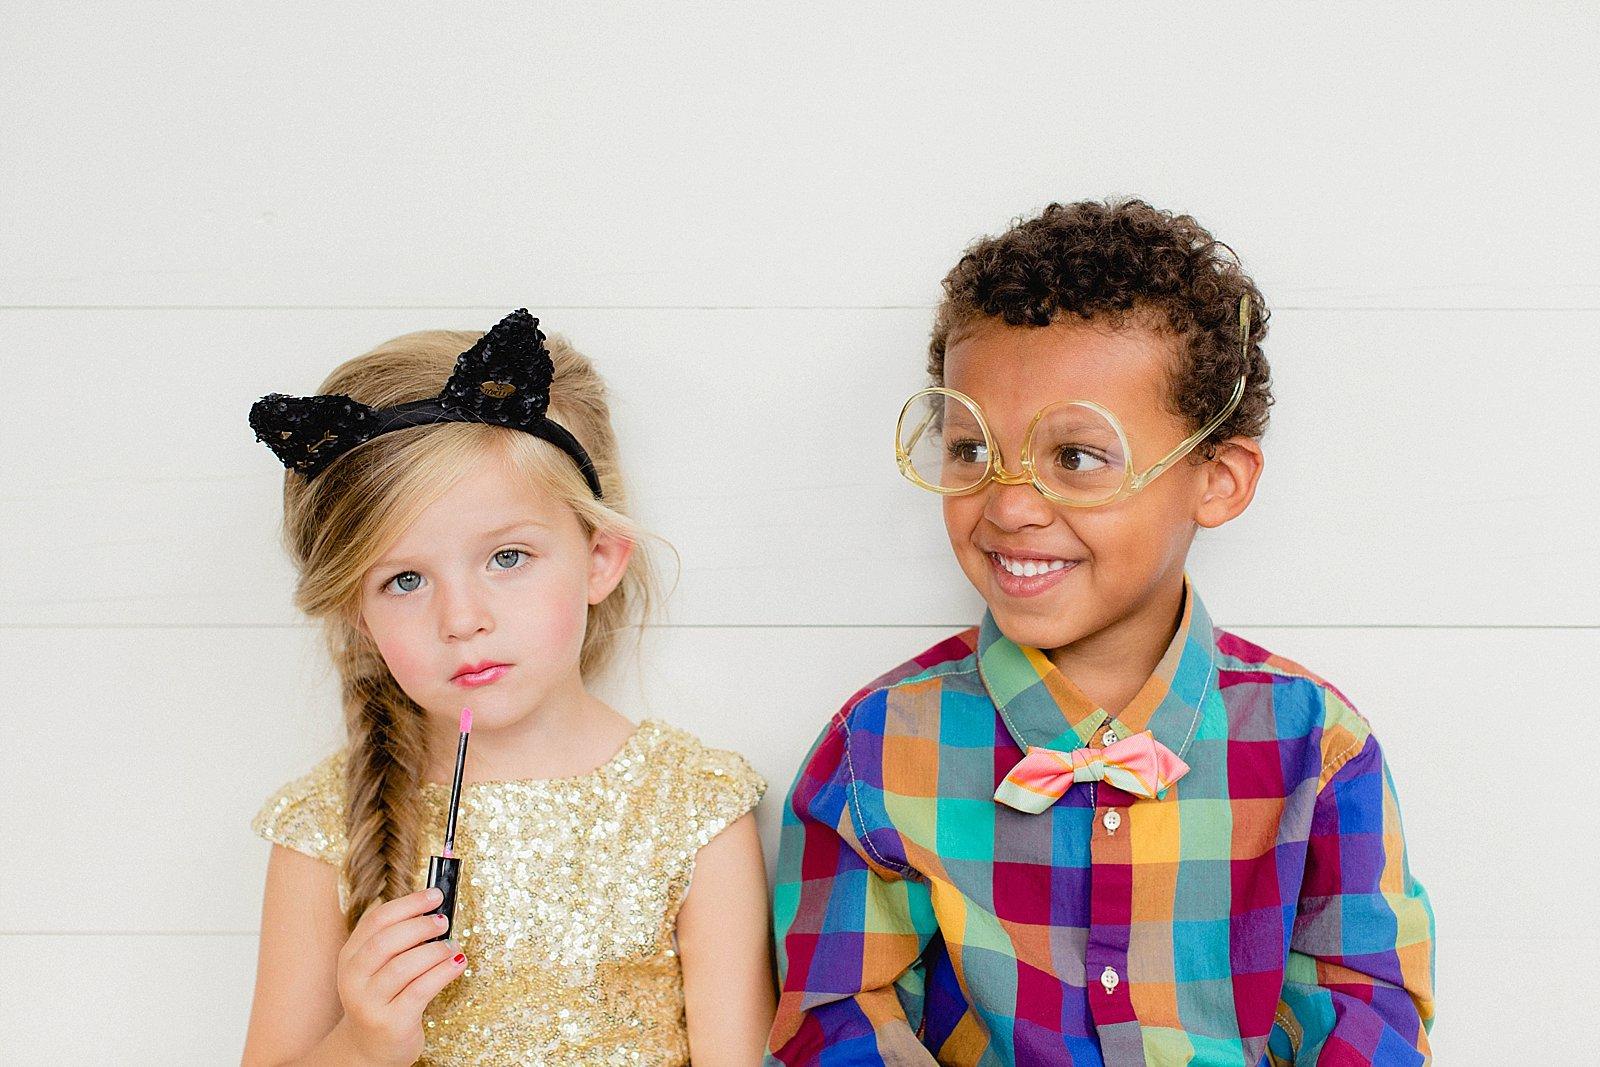 leuke-verkleedkleding-kinderfotografie-verkleedkleding-fantasiespel